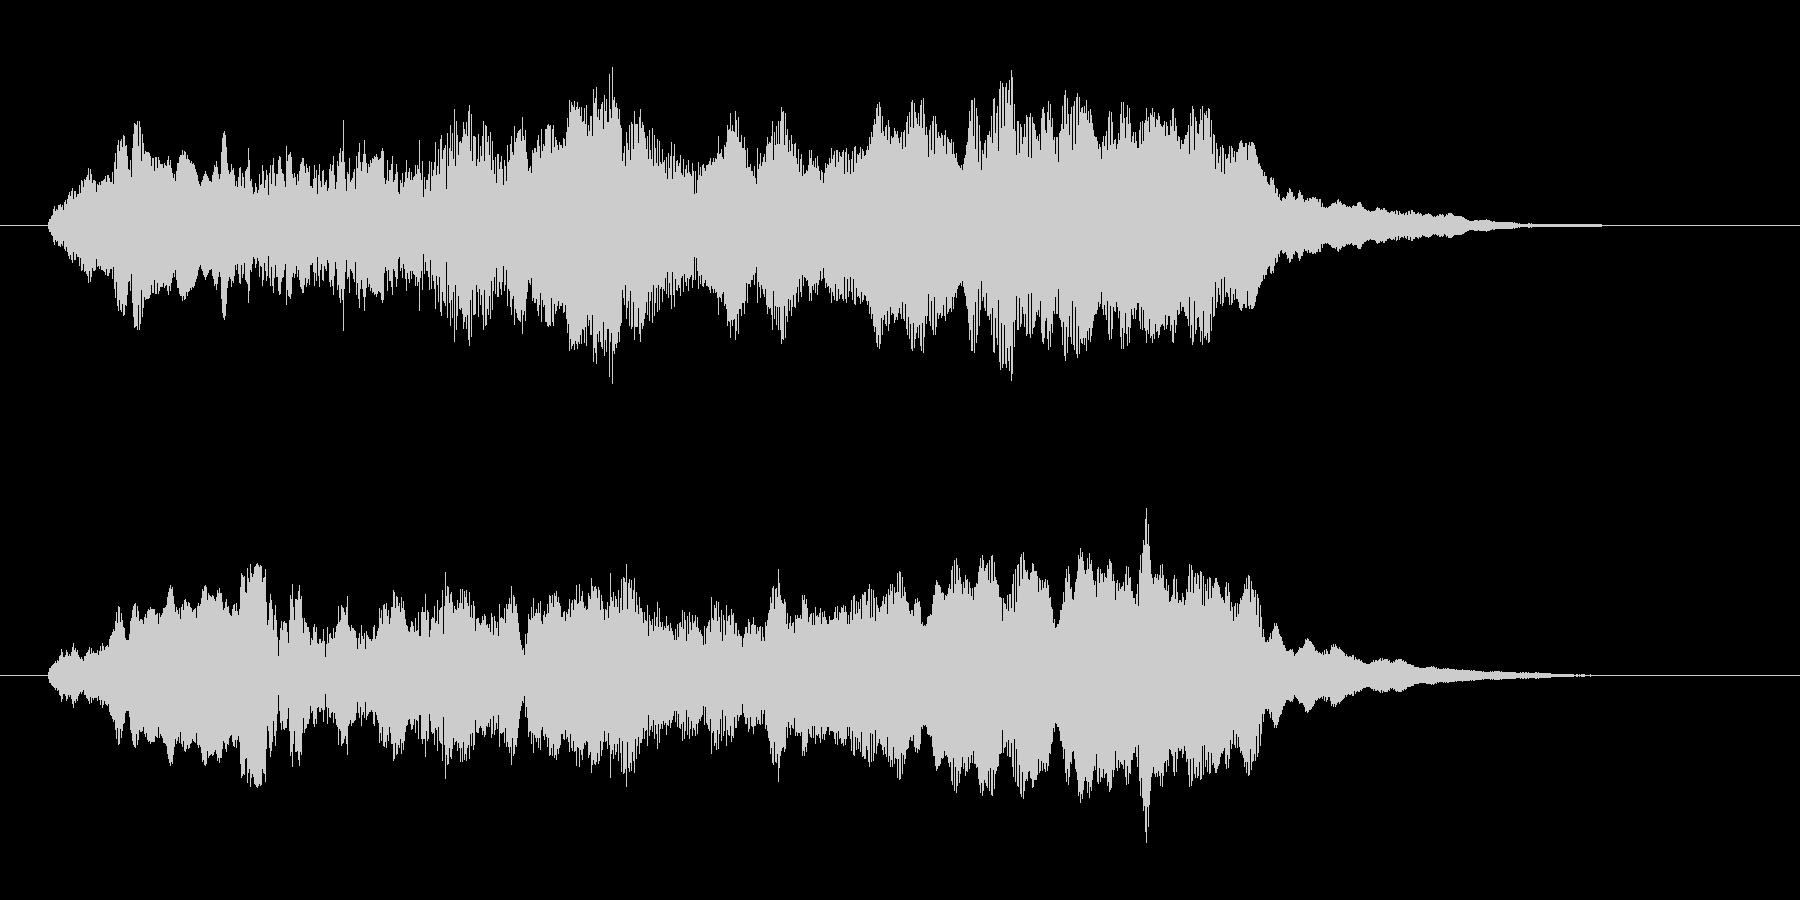 幻想的な神秘的なコーラス 高音版の未再生の波形